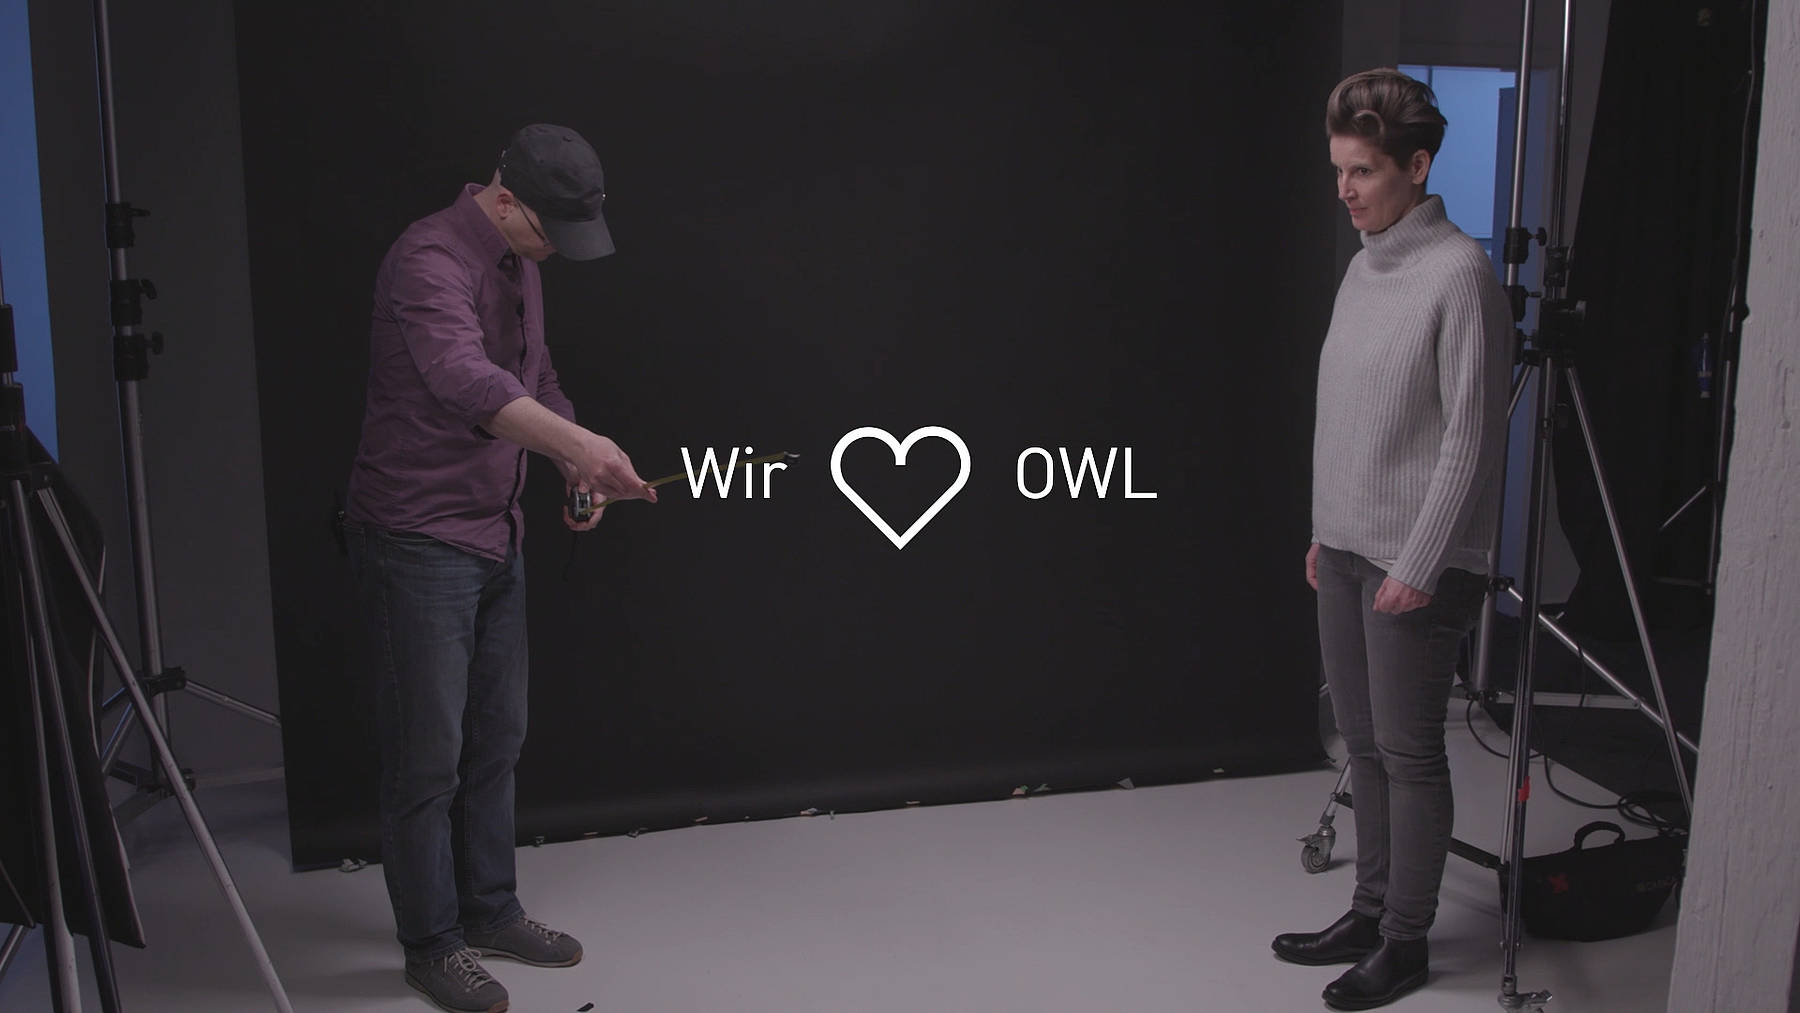 """Frank Terpoorten und Christina Huckle erklären die Inhalte aus der Videoserie """"Gute Aussichten""""."""